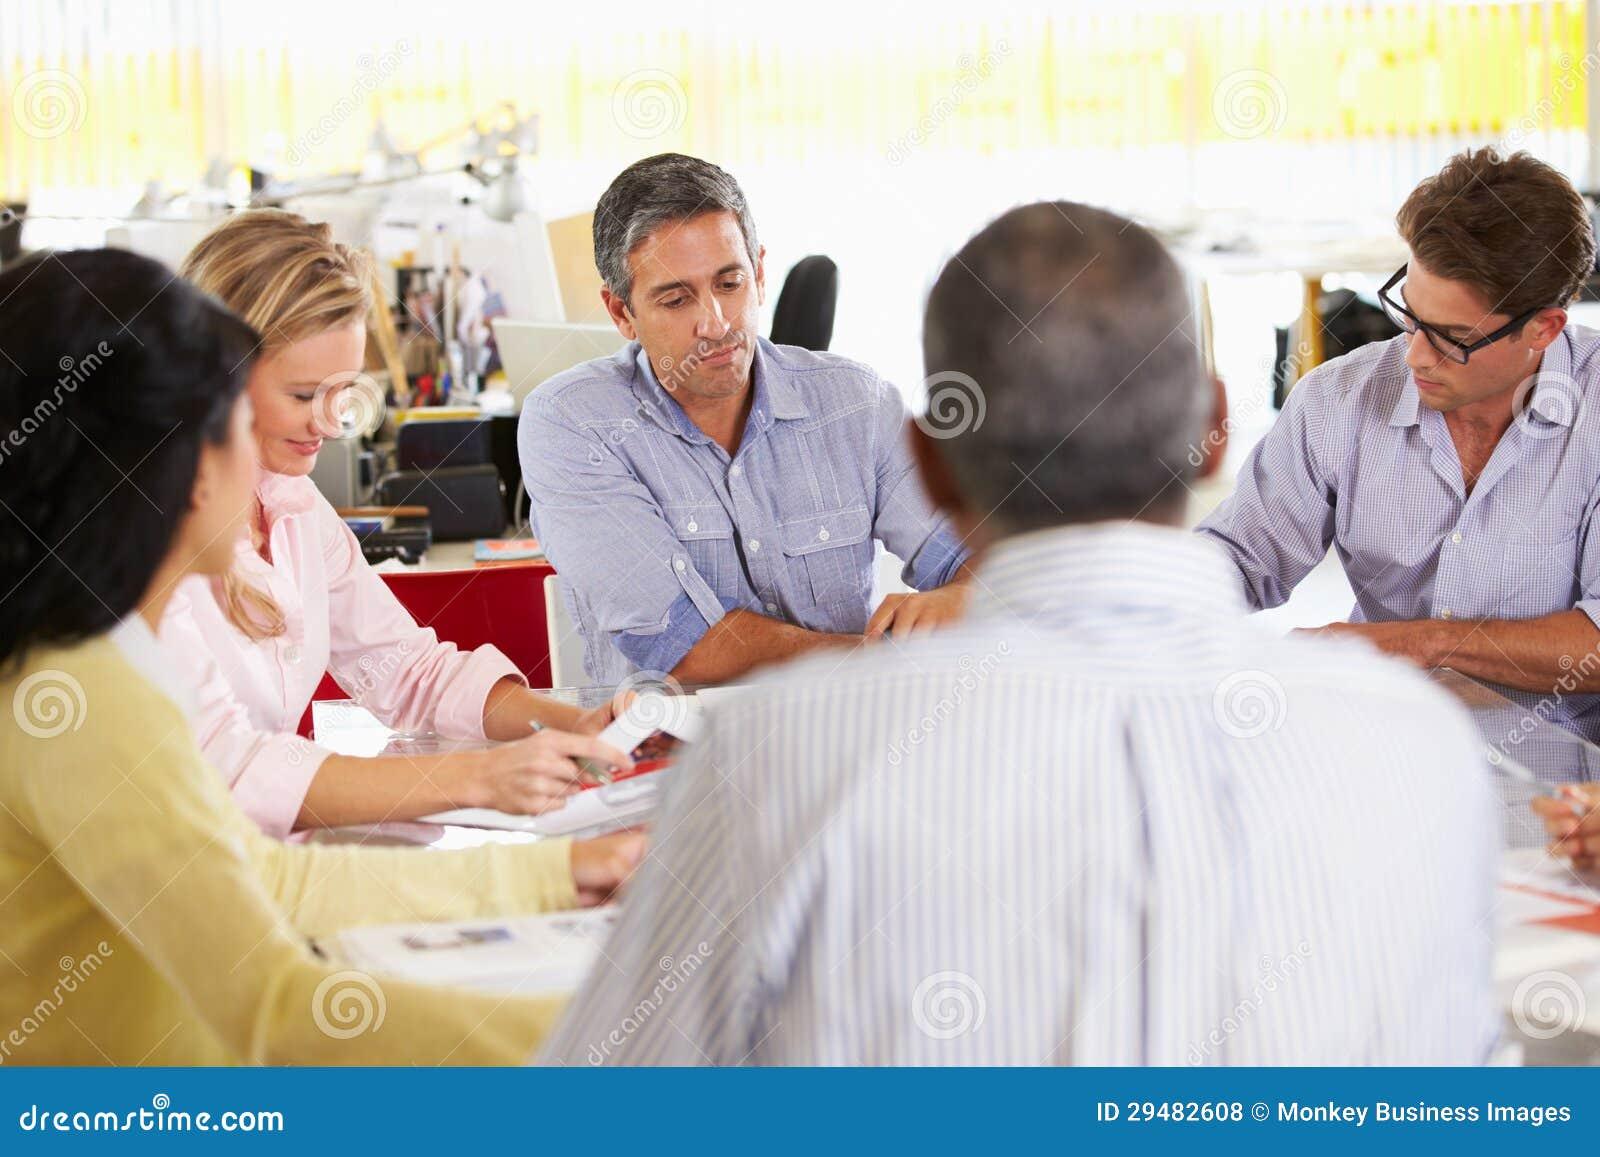 Reunión de las personas en oficina creativa